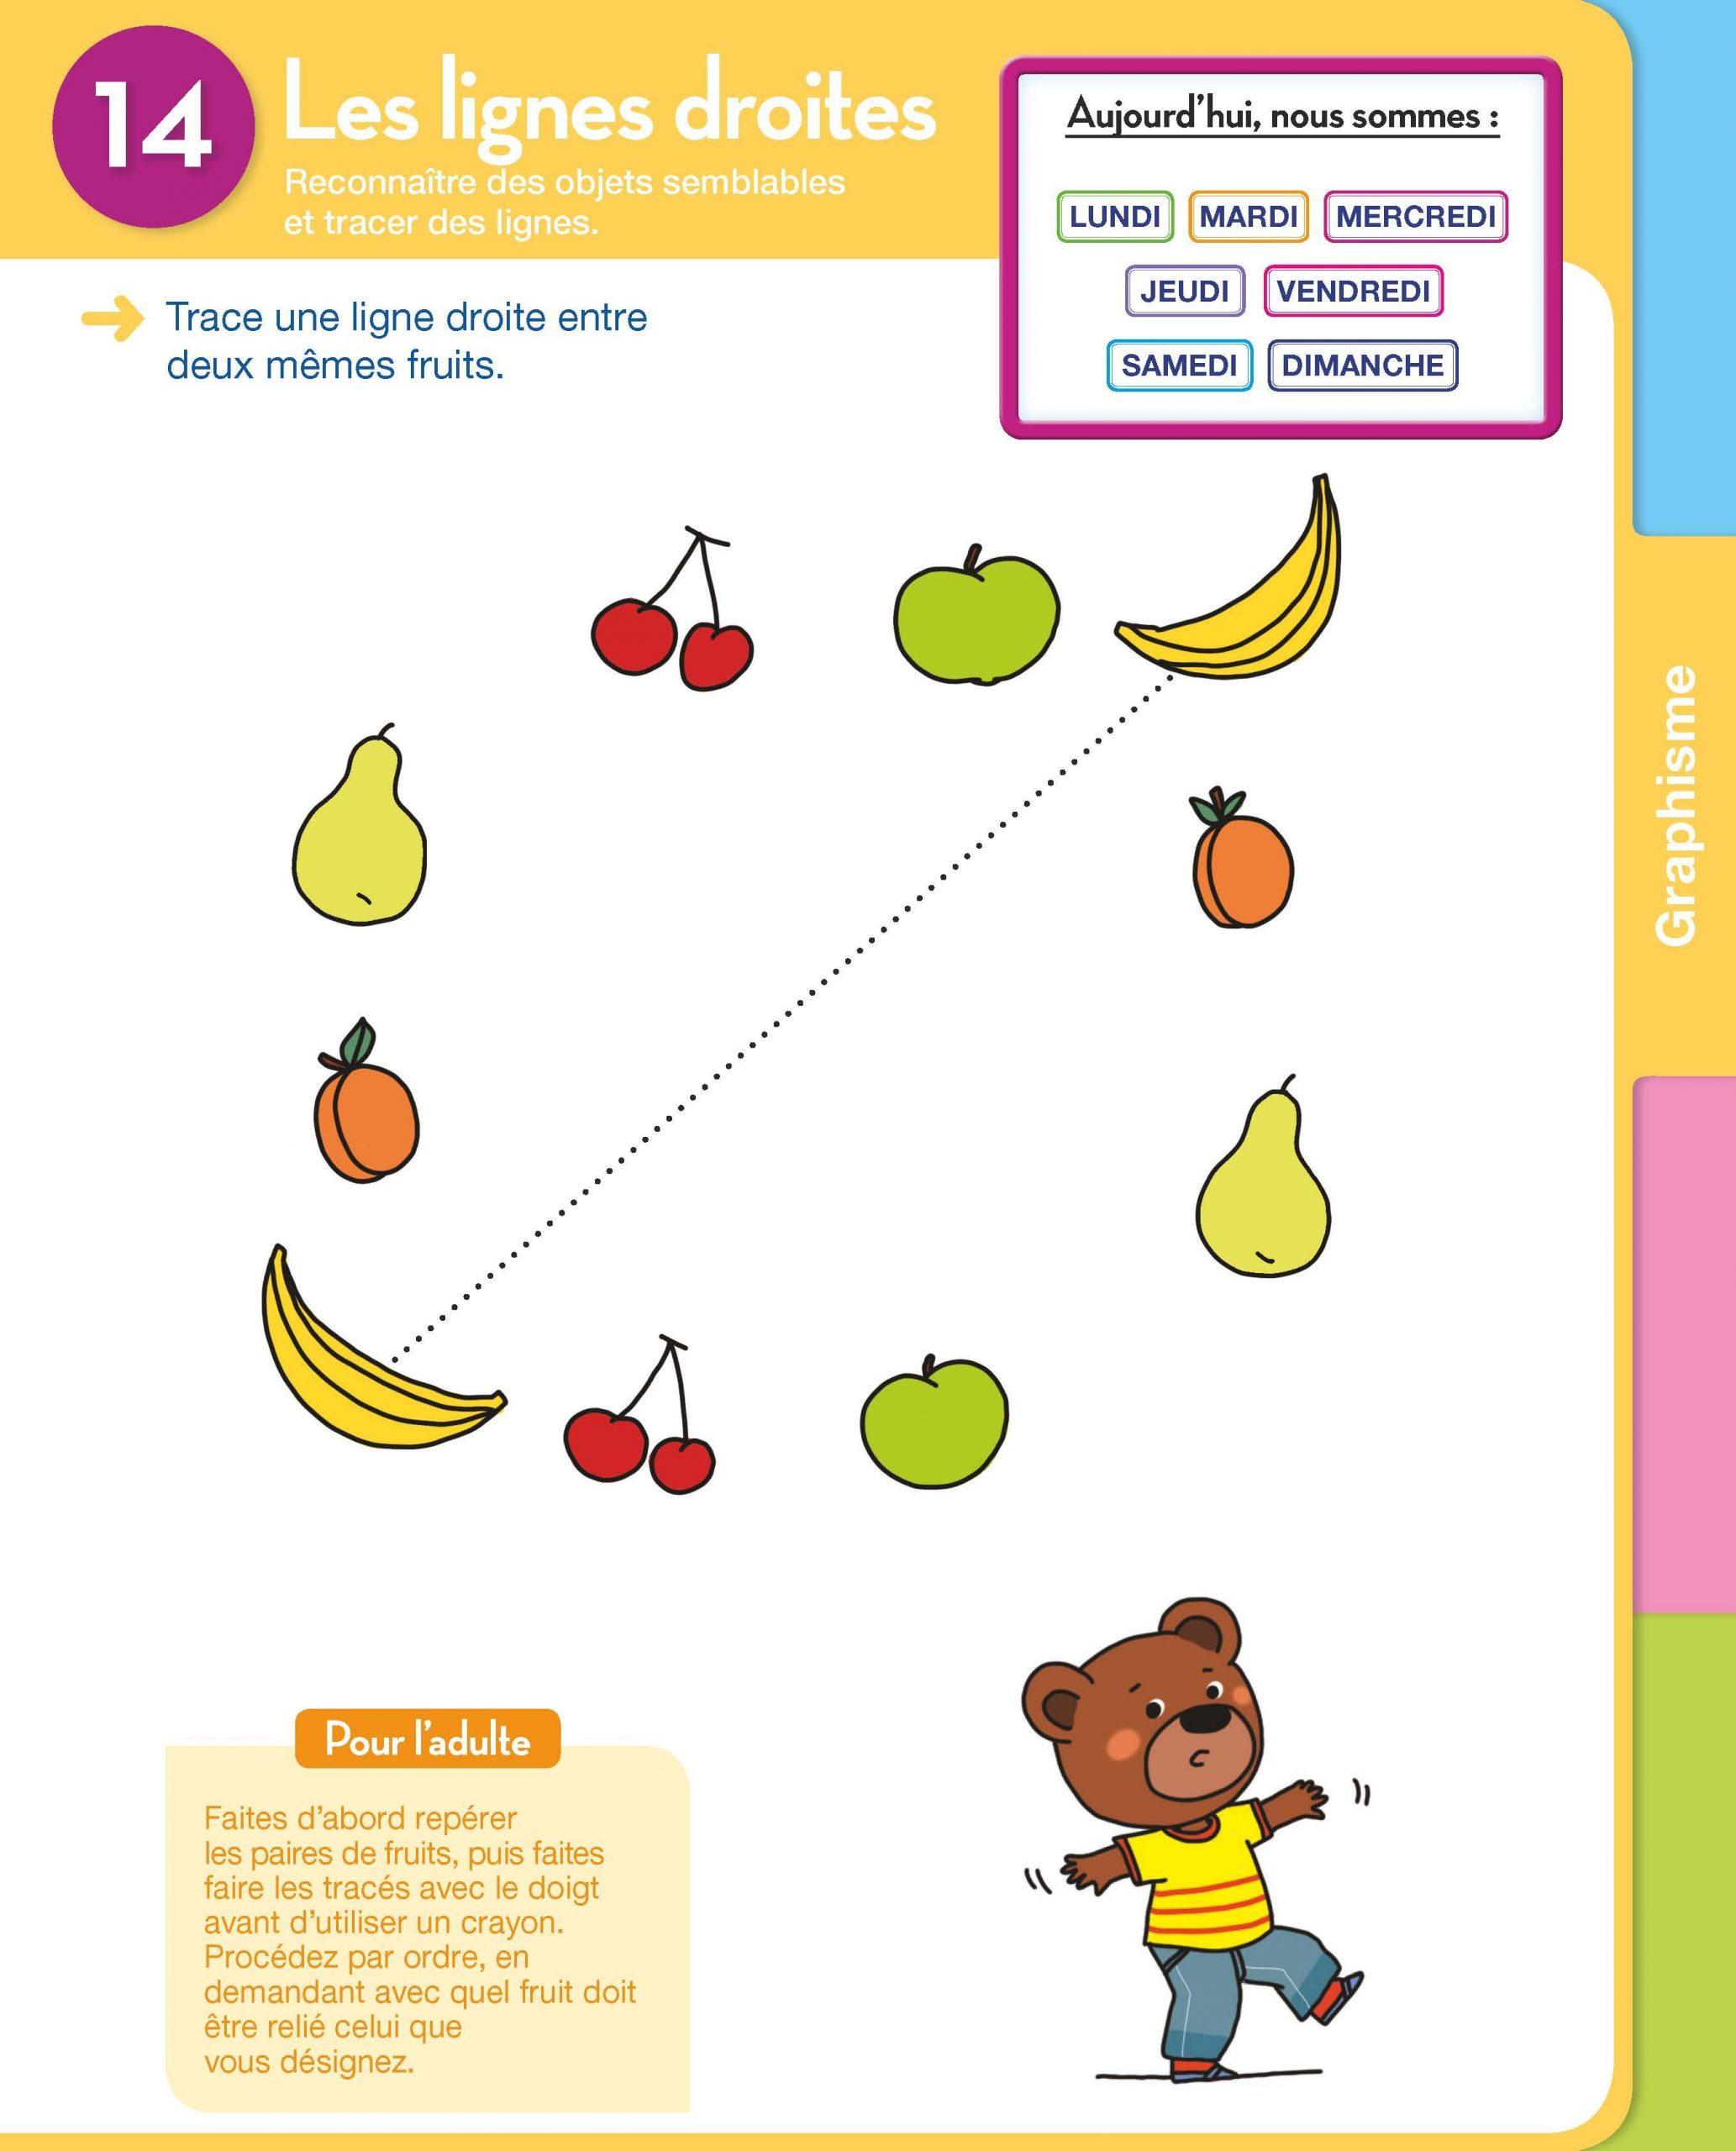 Extrait Graphisme : Les Lignes Droites Toute Ma Maternelle encequiconcerne Jeux En Ligne Maternelle Petite Section